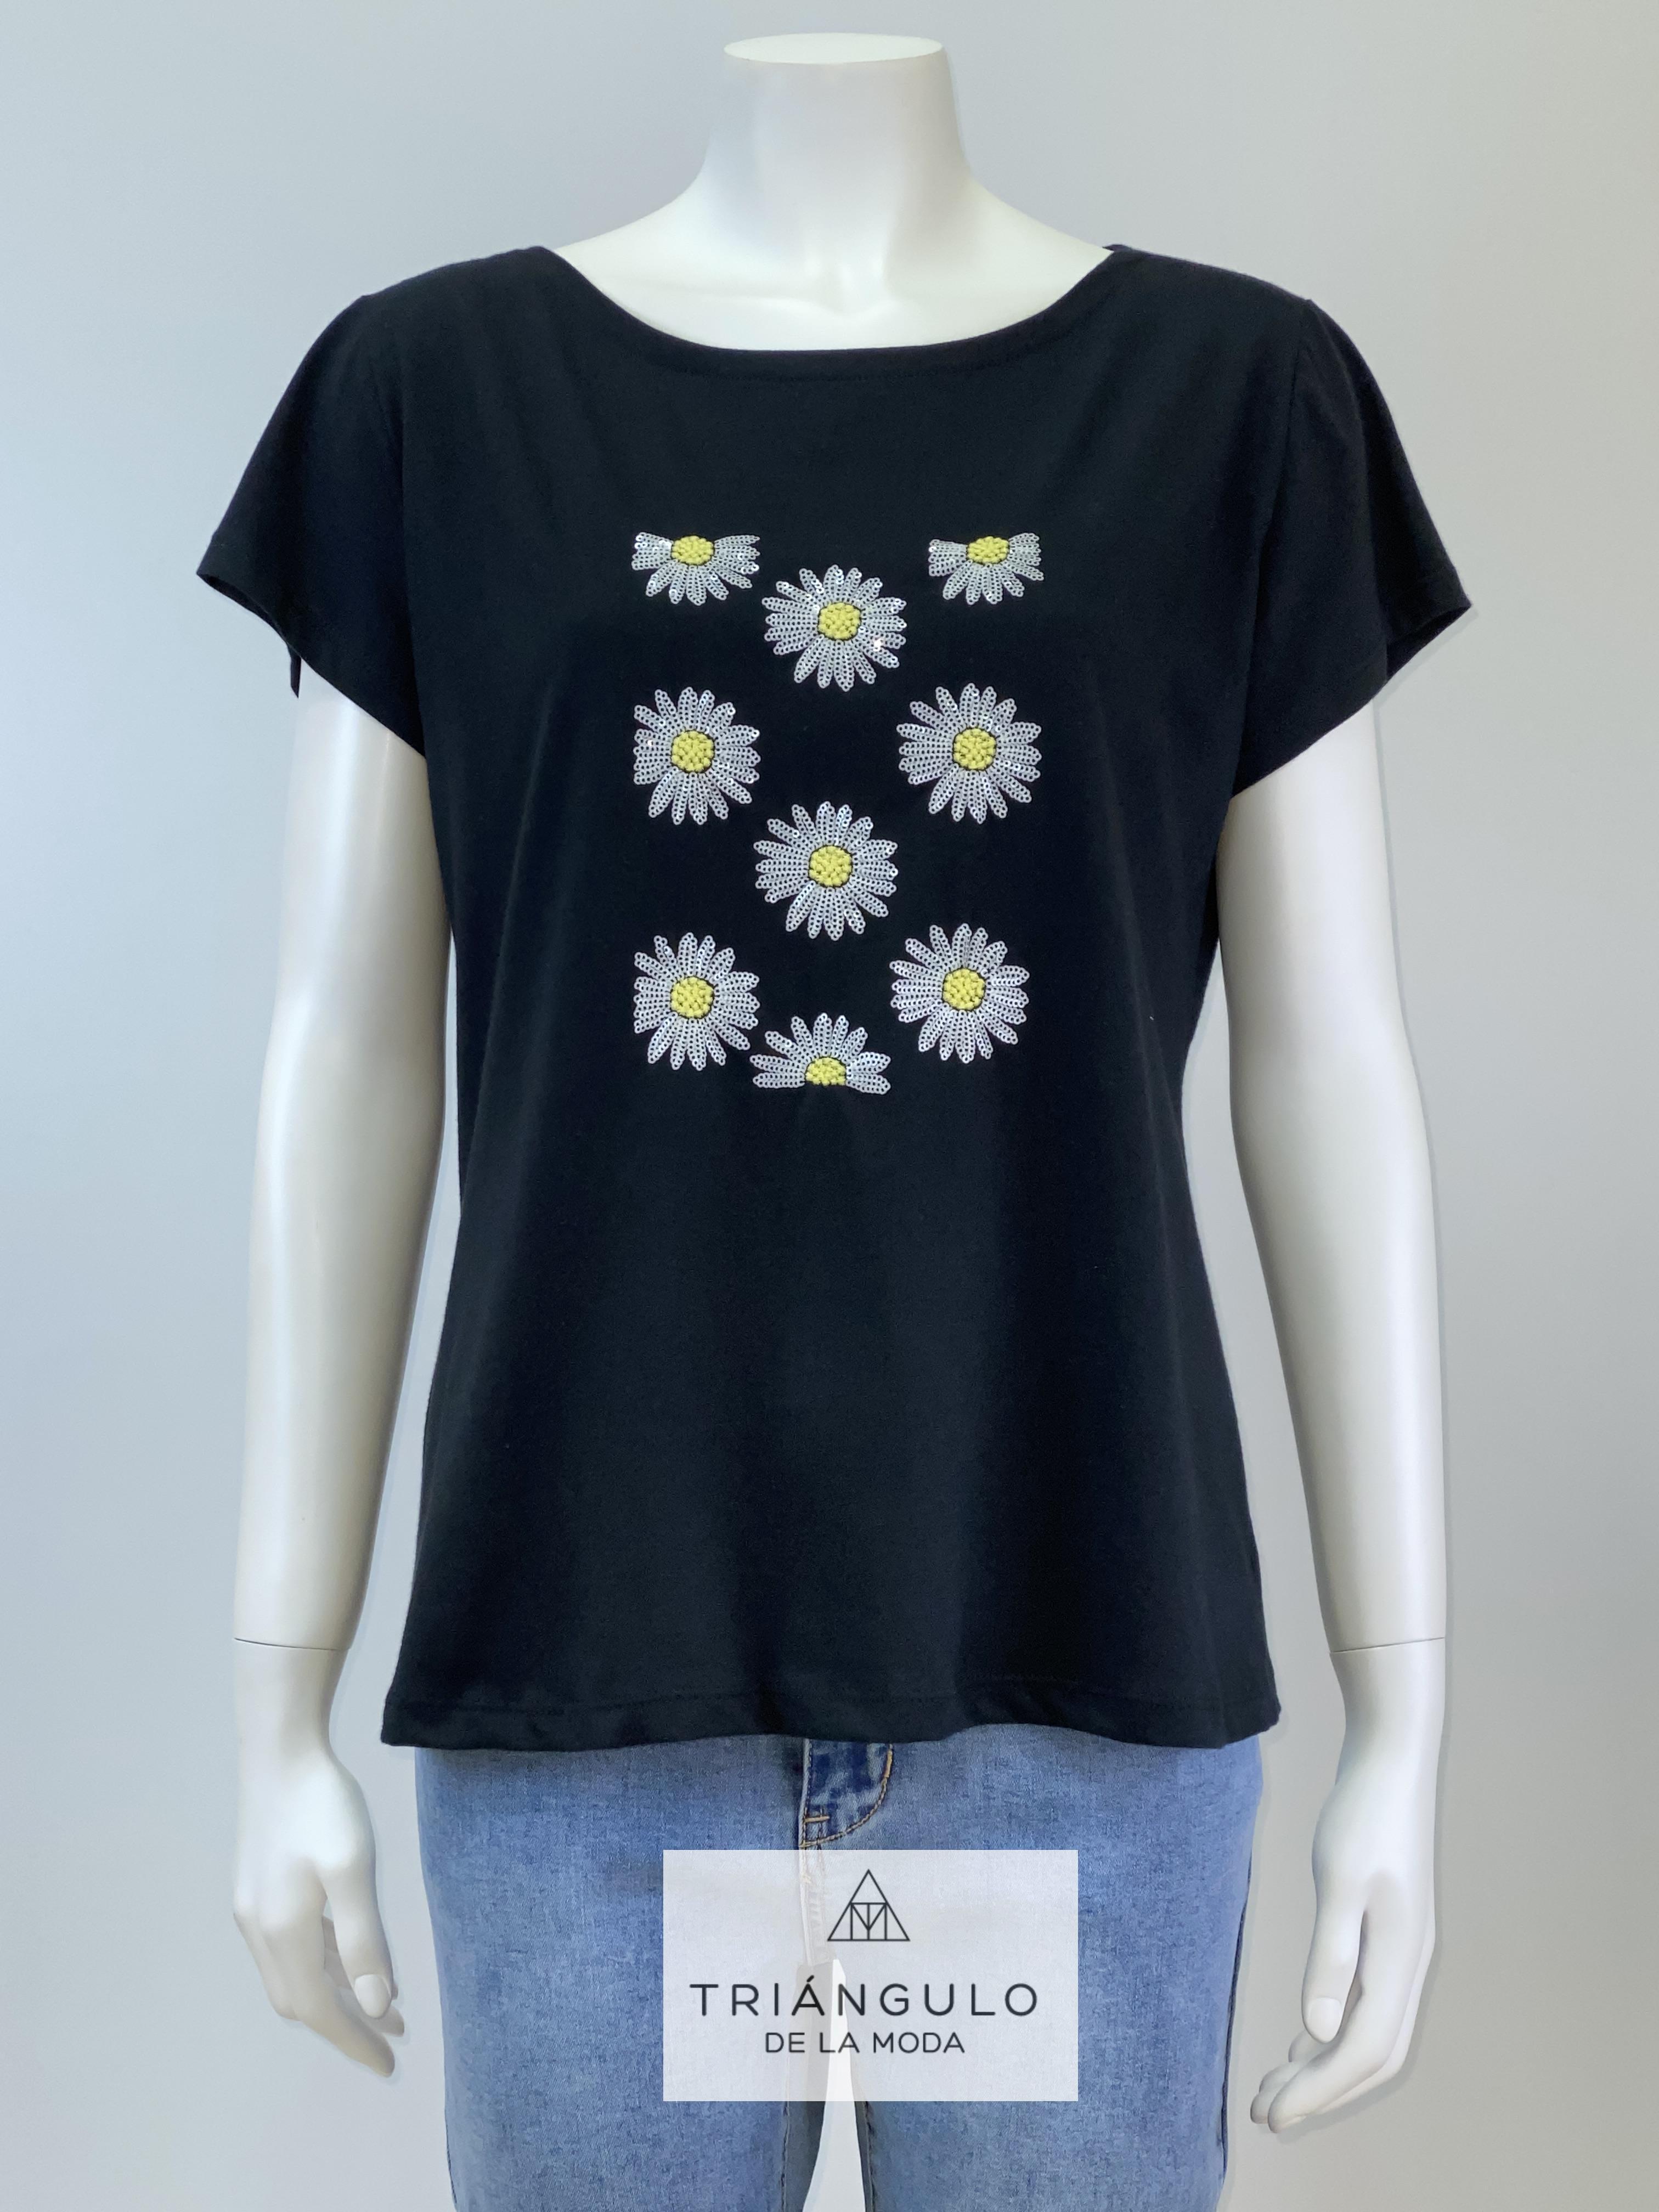 Tienda online del Triangulo de la Moda camiseta margaritas